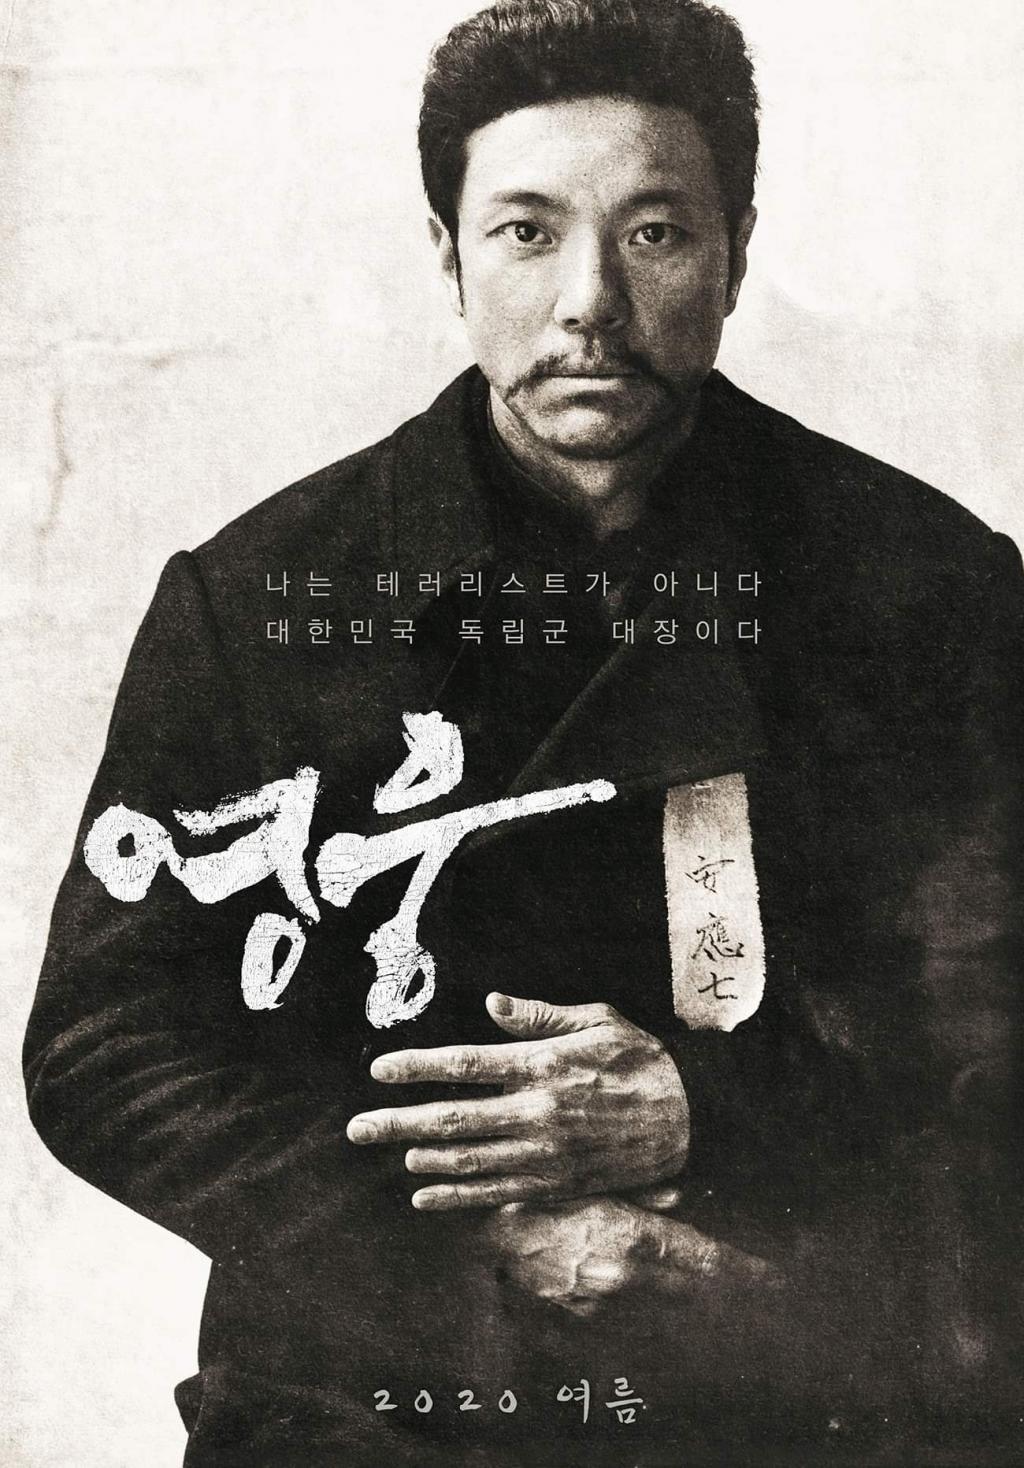 정성화, 김고은 주연 [영웅] 1차 예고편, 포스터 공개